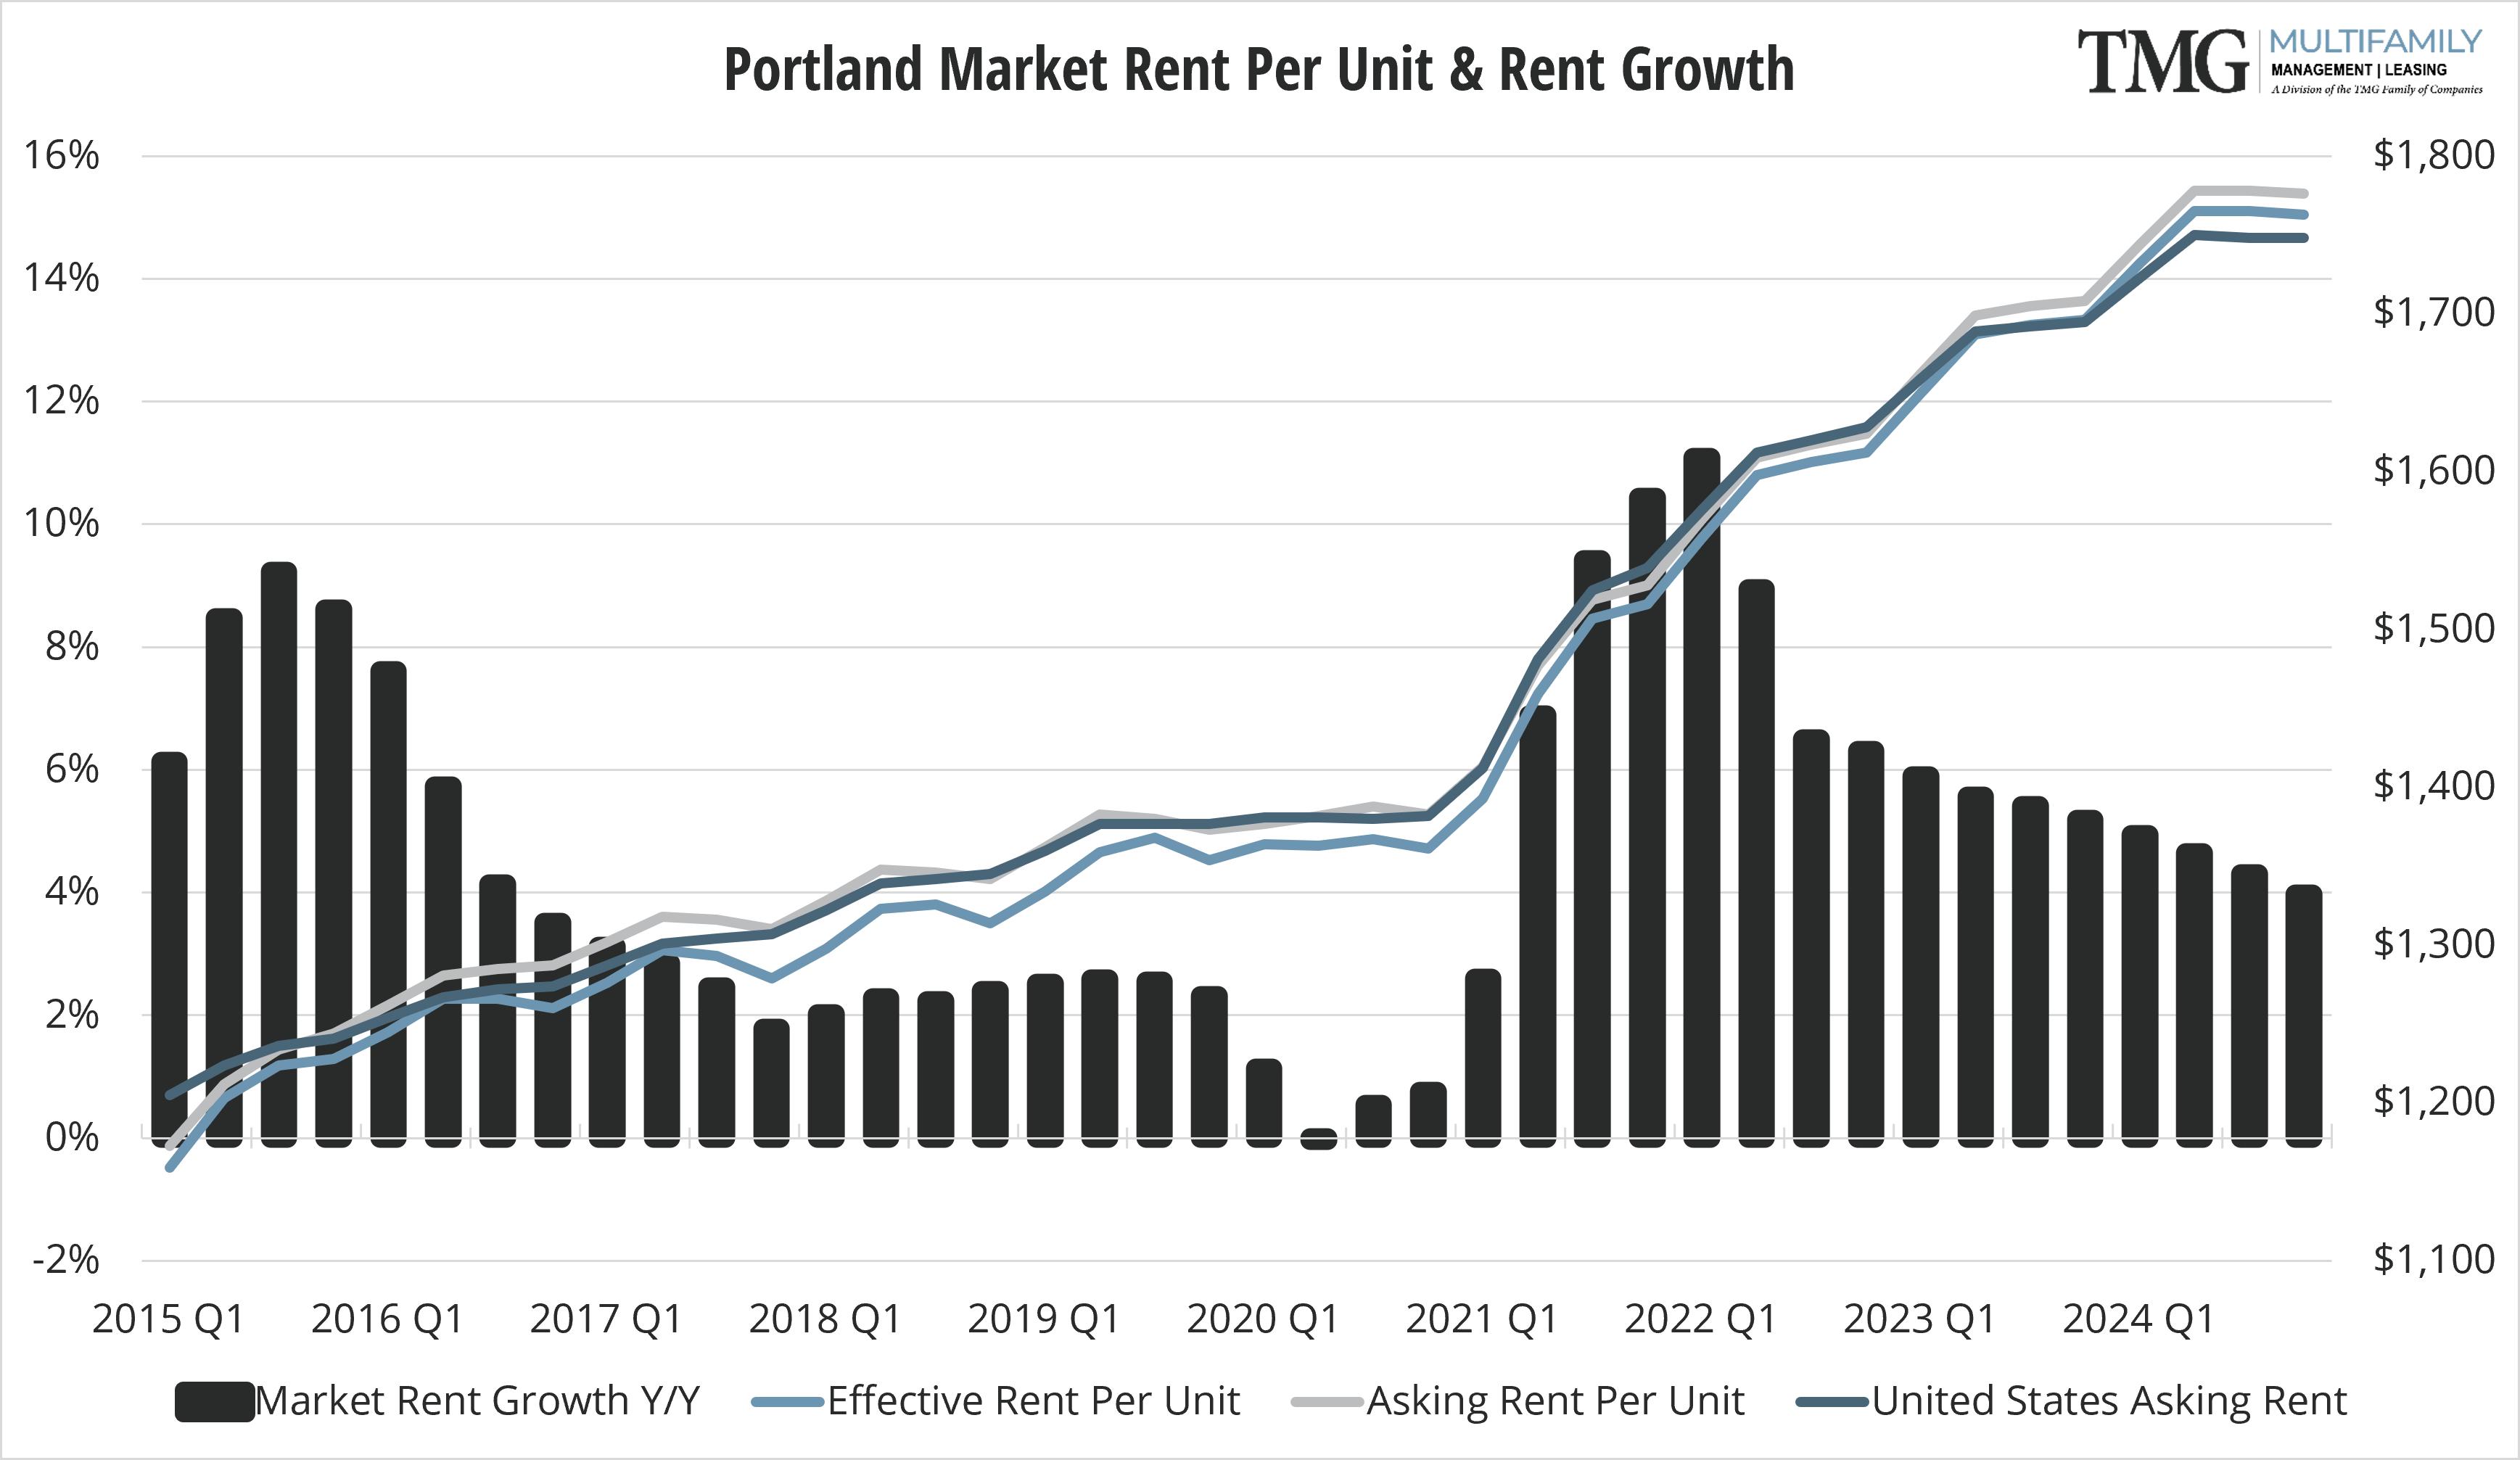 Portland-Metro Q4 Market Rent Per Unit and Rent Growth